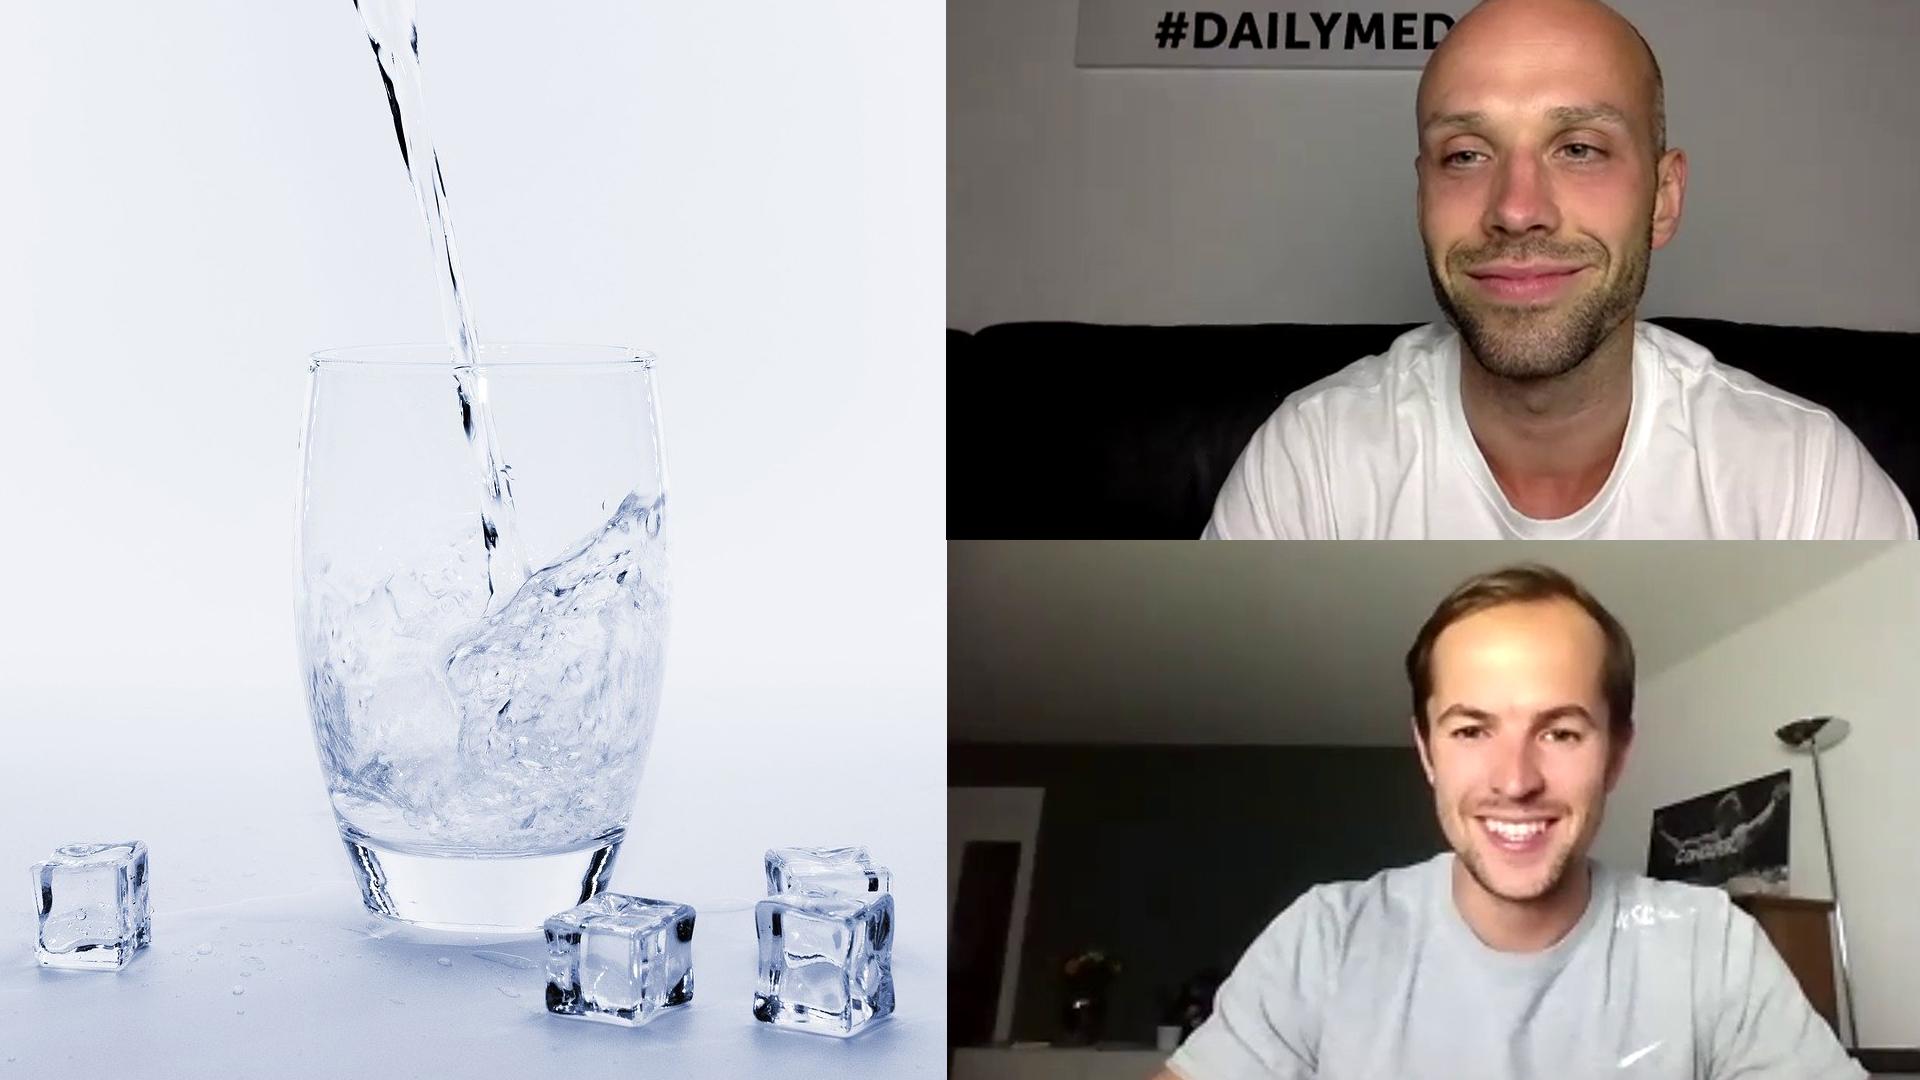 So viel sollte jeder trinken: Pro 20 Kilogramm ein Liter Wasser